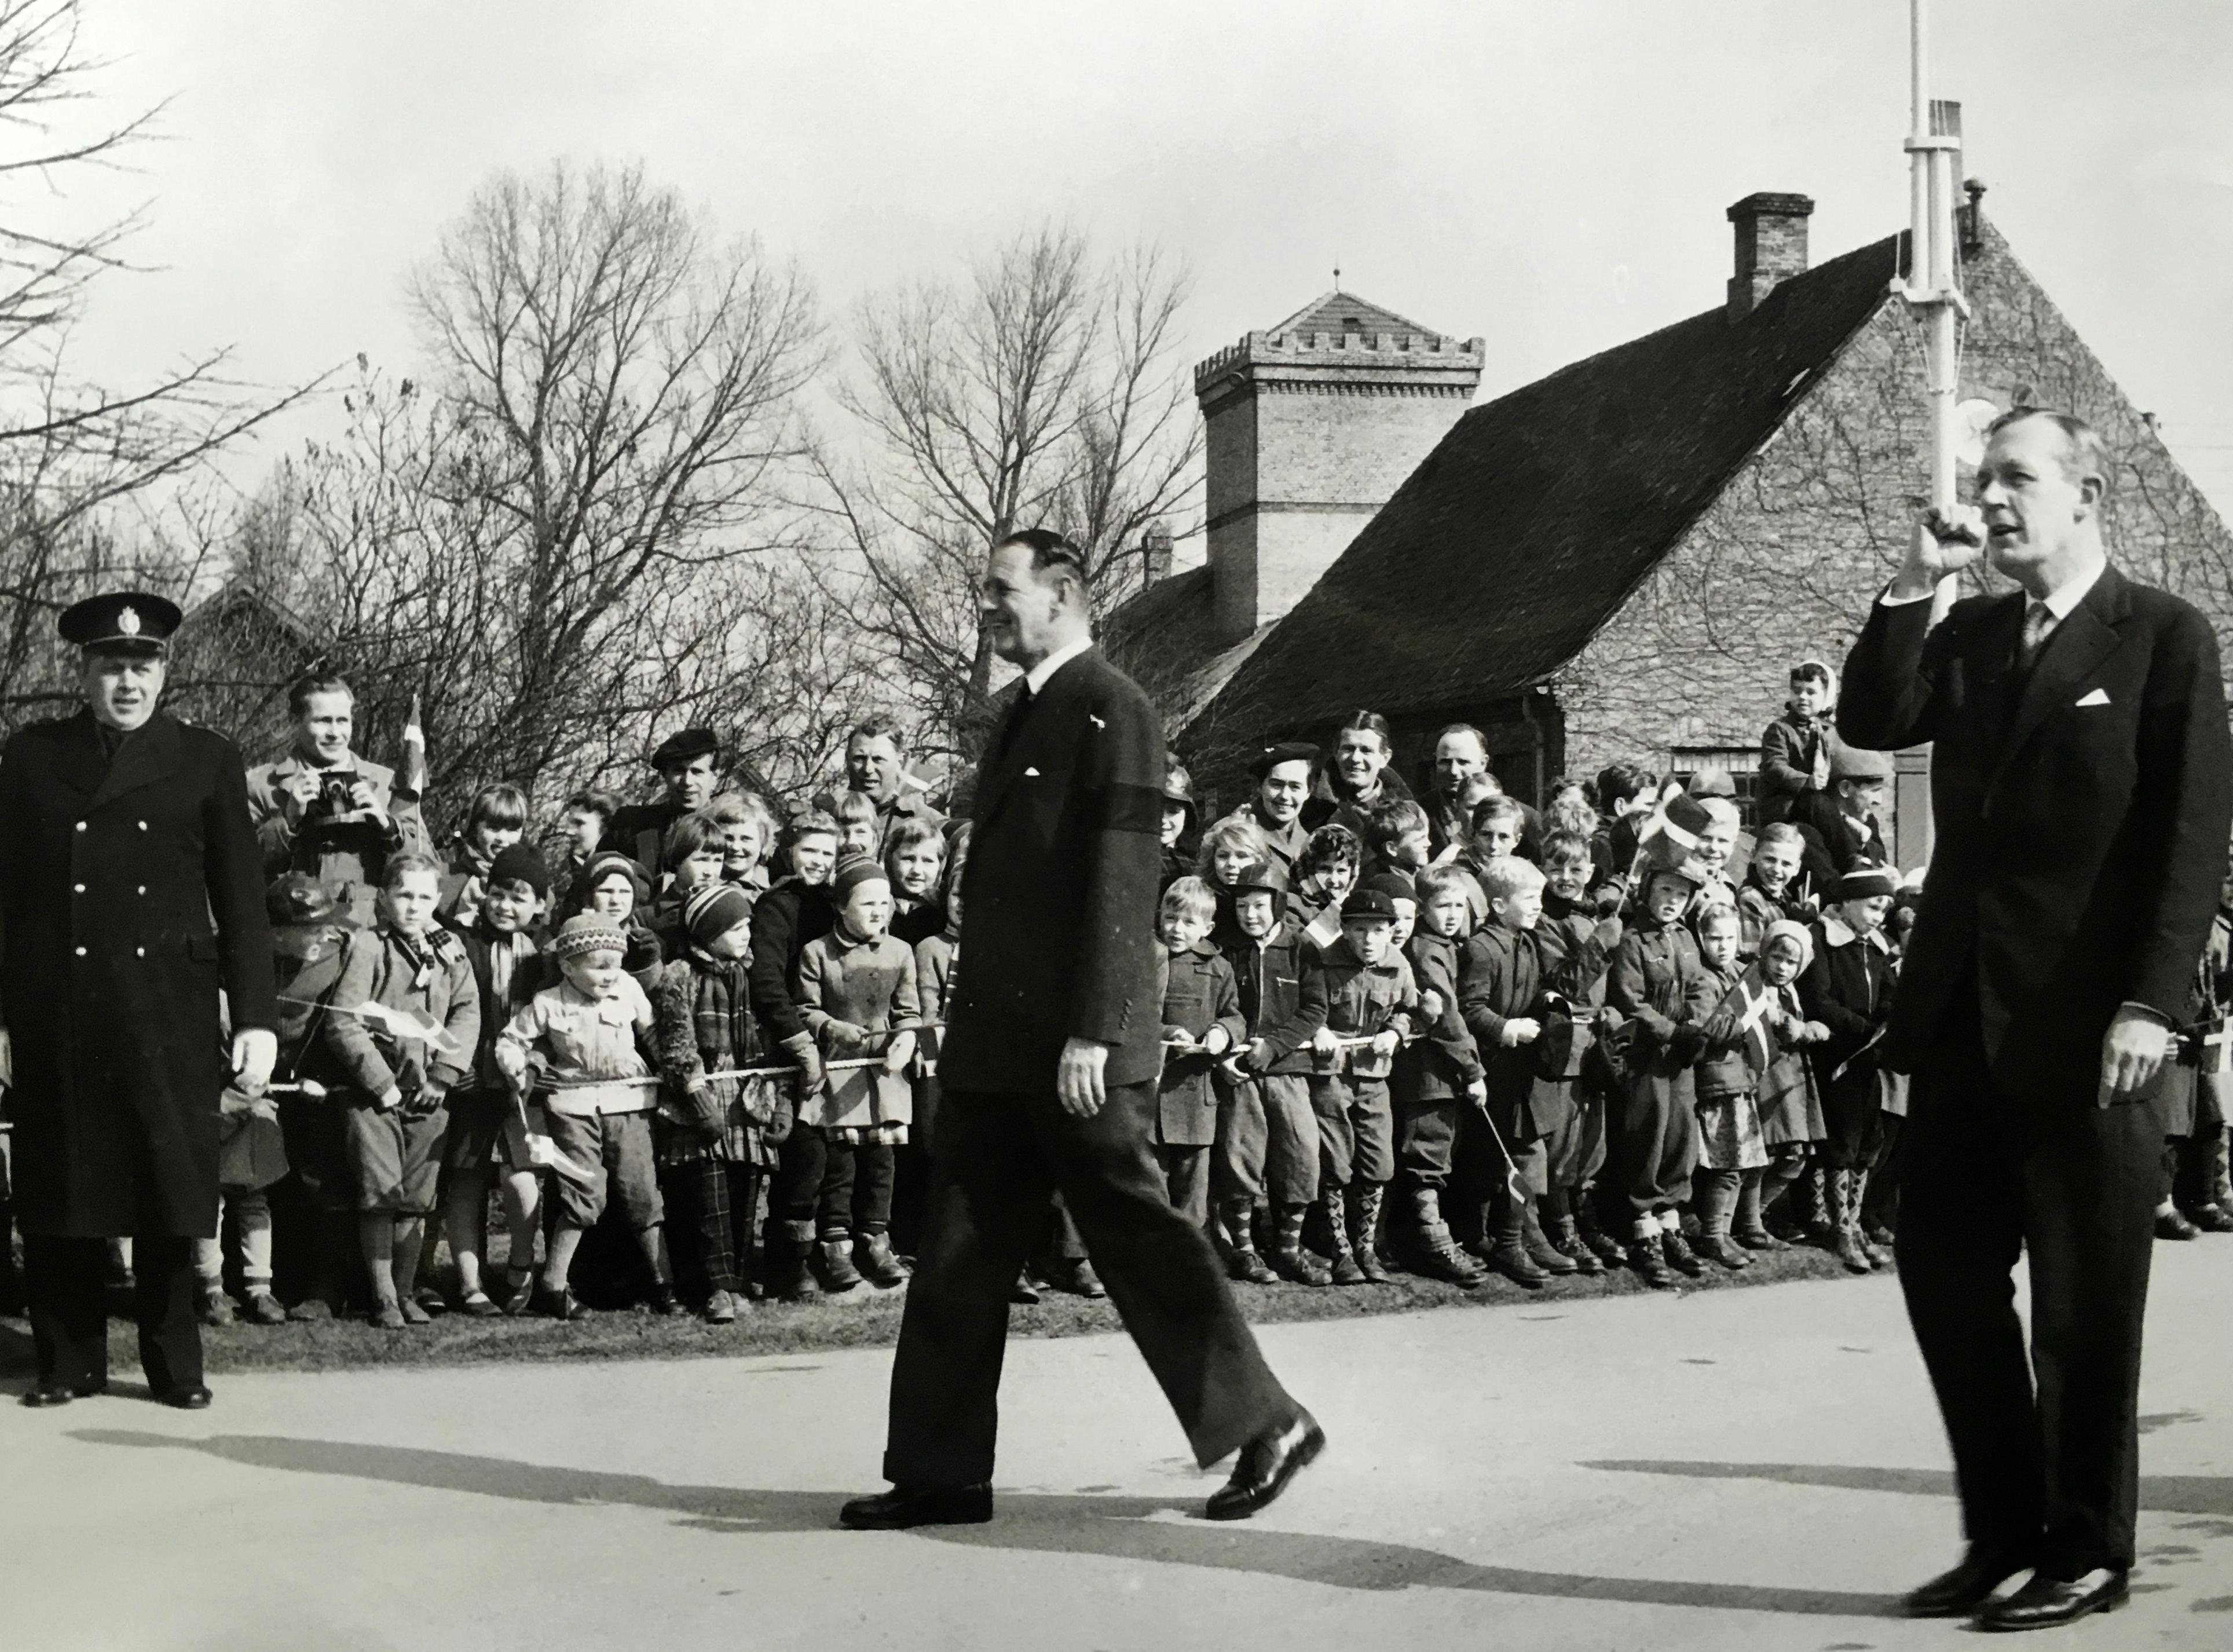 kong-frederik-og-dronning-ingrid-besoeger-hg-den-25-marts-1958-73